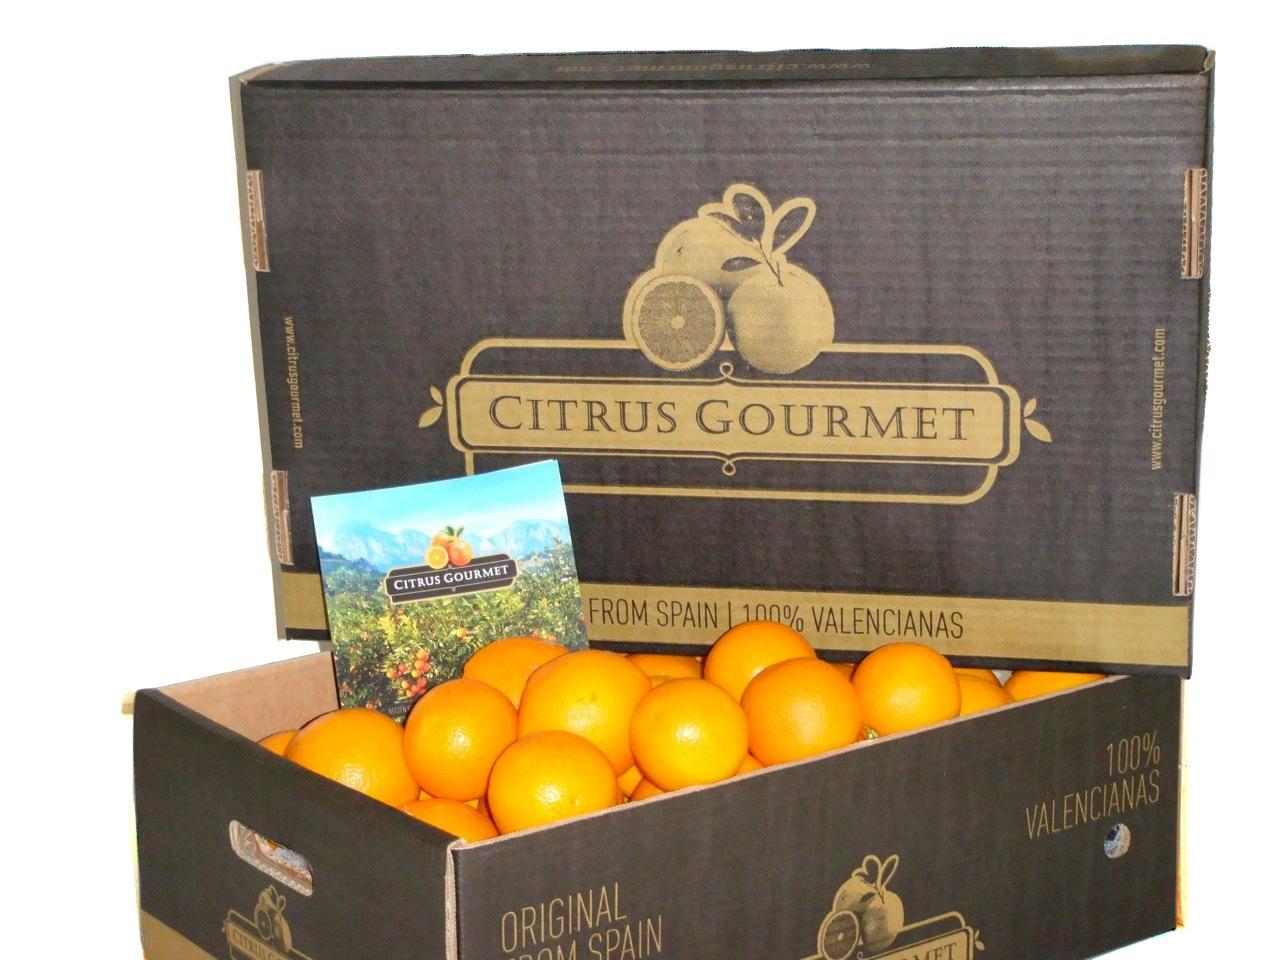 Apfelsinen aus Valencia von CitrusGourmet. Tafelqualität 10 kg